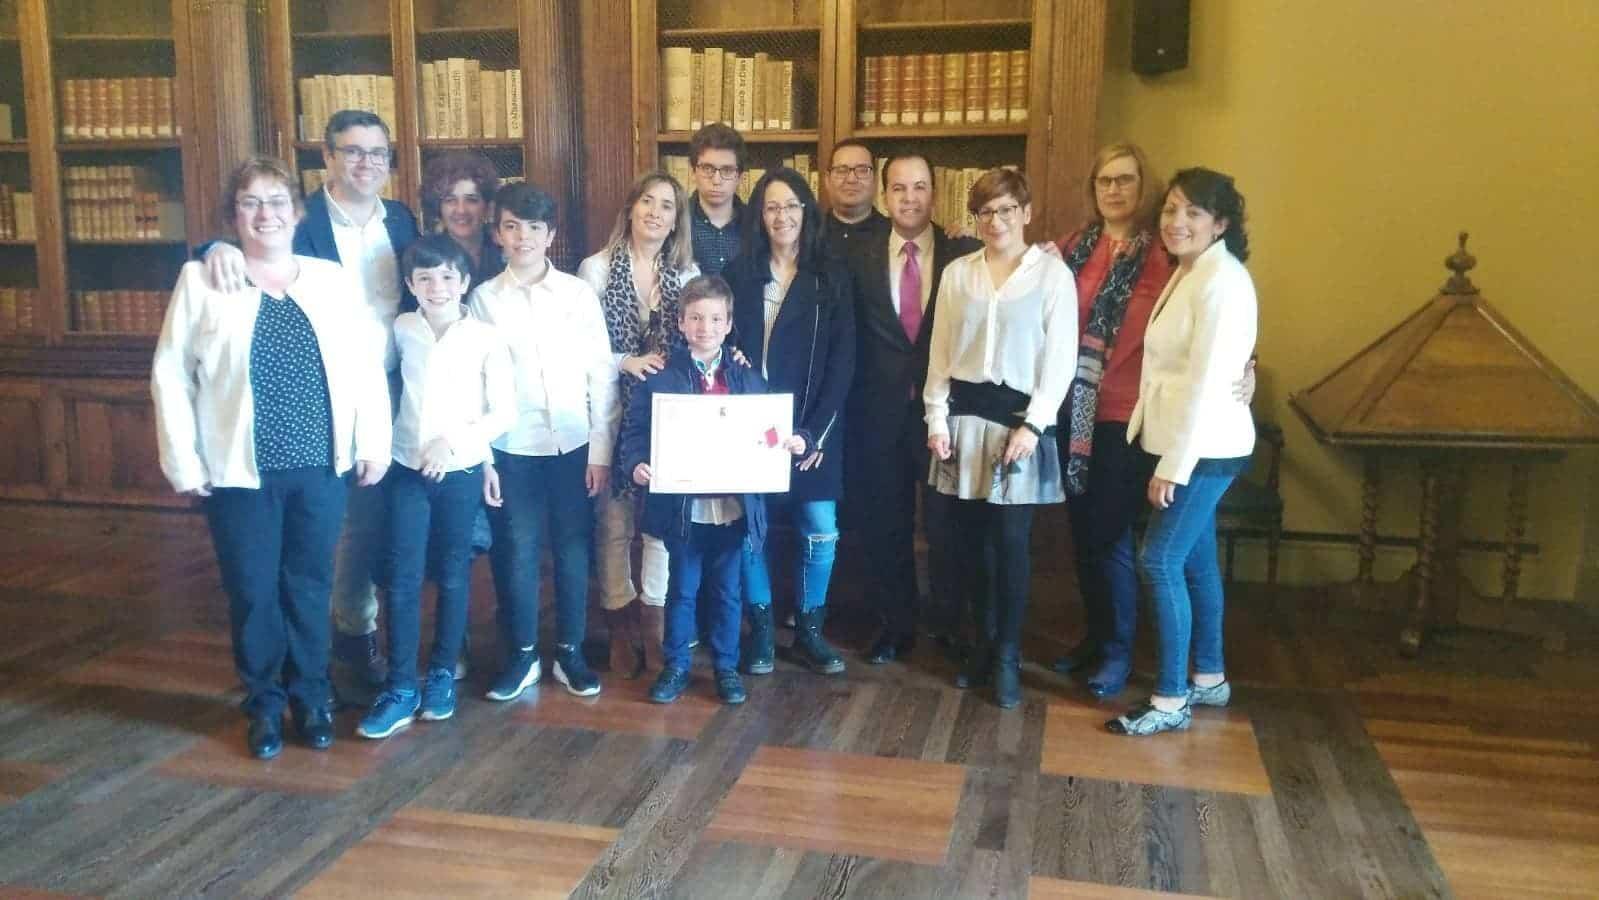 premio maria moliner biblioteca cervantes herencia 2 - La Biblioteca Pública Miguel de Cervantes recibe el premio María Moliner